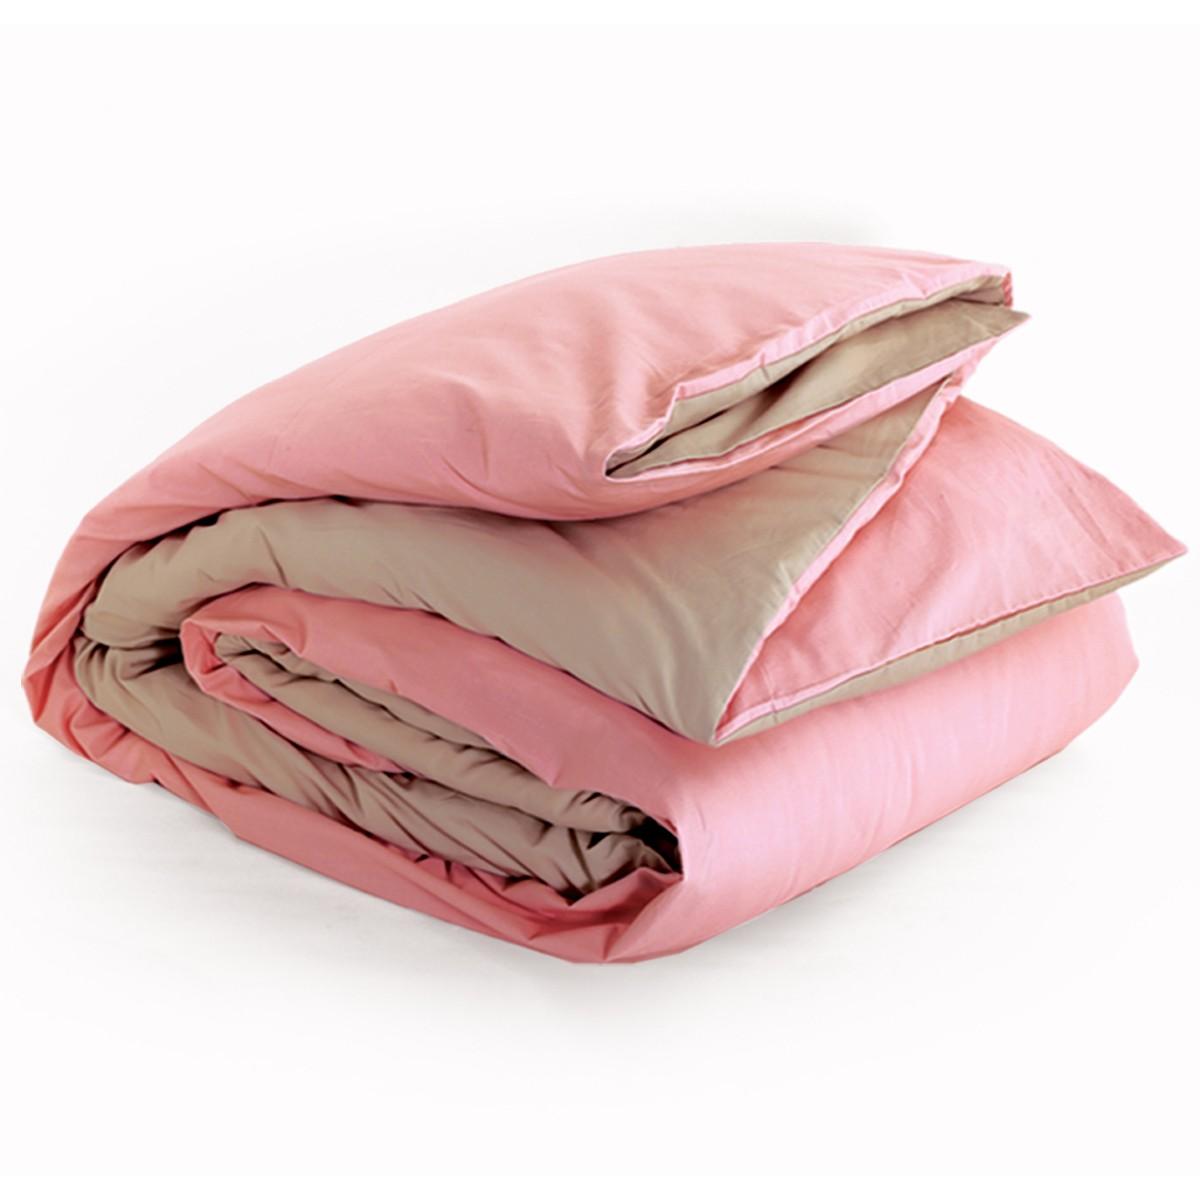 Παπλωματοθήκη Μονή 2 Όψεων Nef-Nef Bicolor Pink/Beige